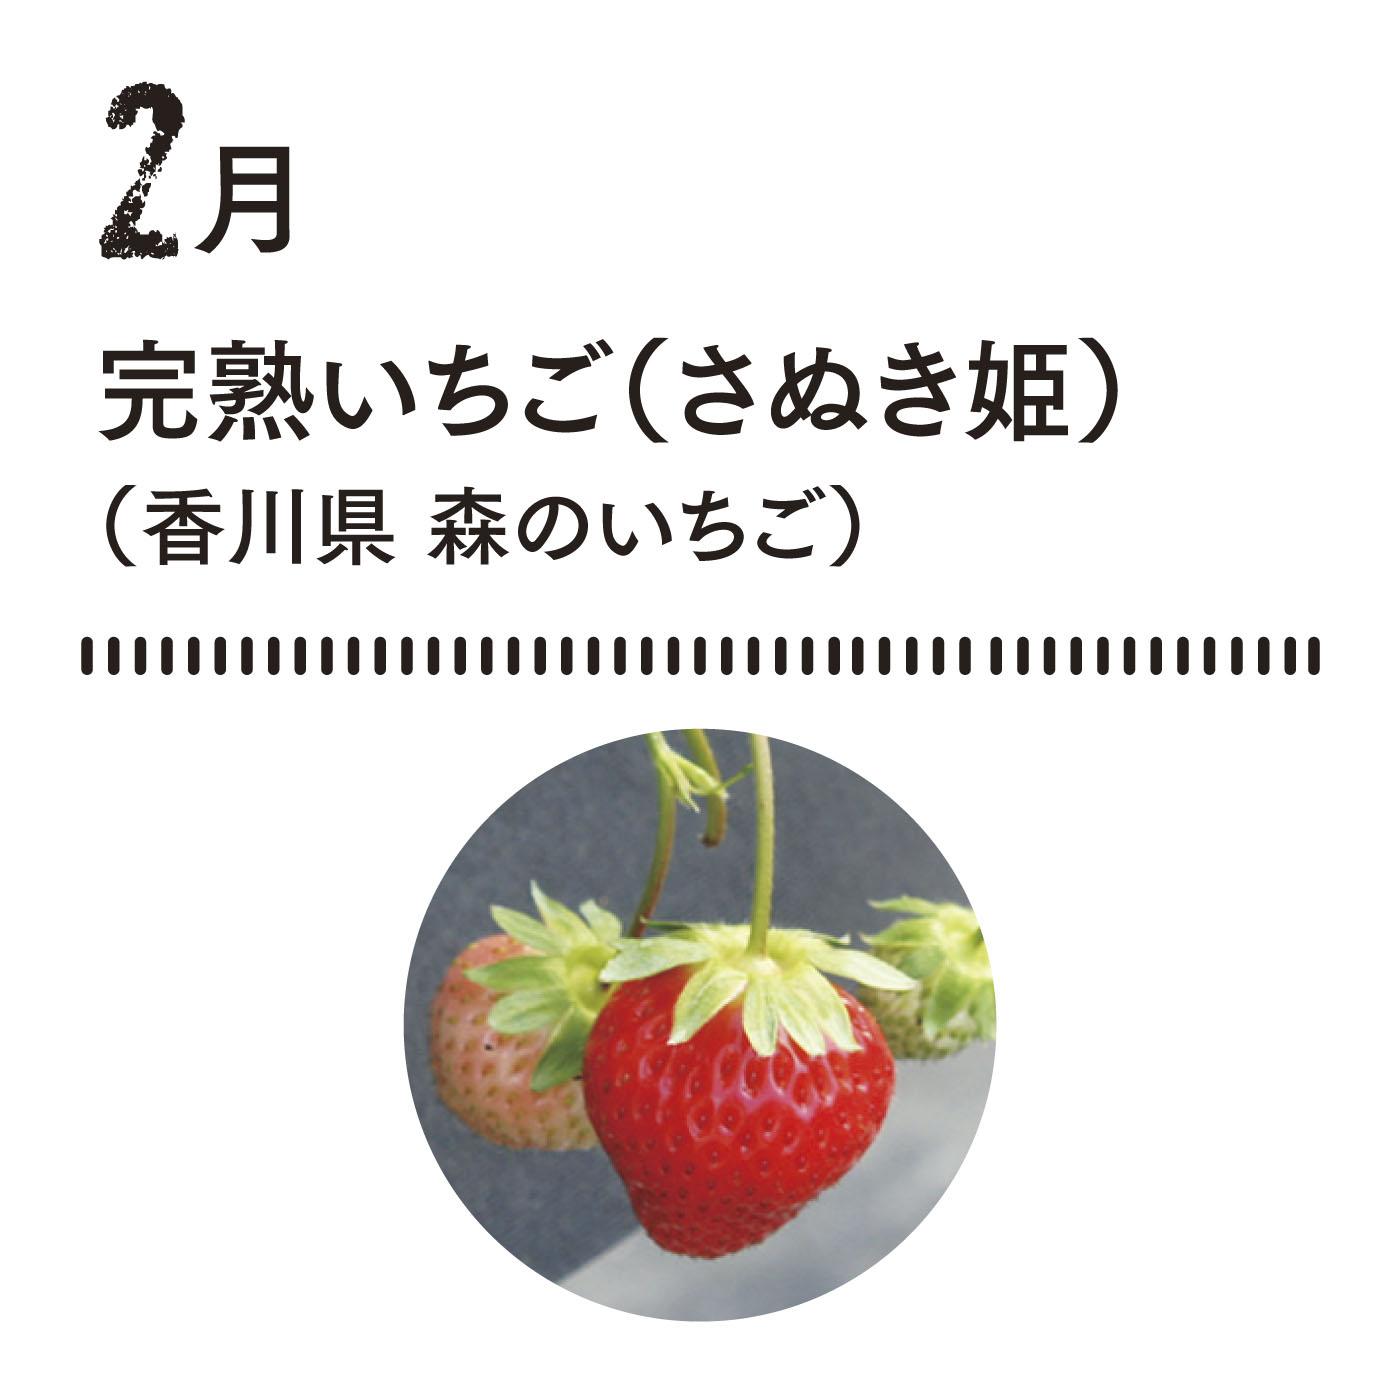 甘さのピーク、夜中の収穫が決め手! 甘さがピークになる夜中にていねいに収穫する星摘みいちごです。■お届け時期 2月上〜中旬 約350g(15粒)